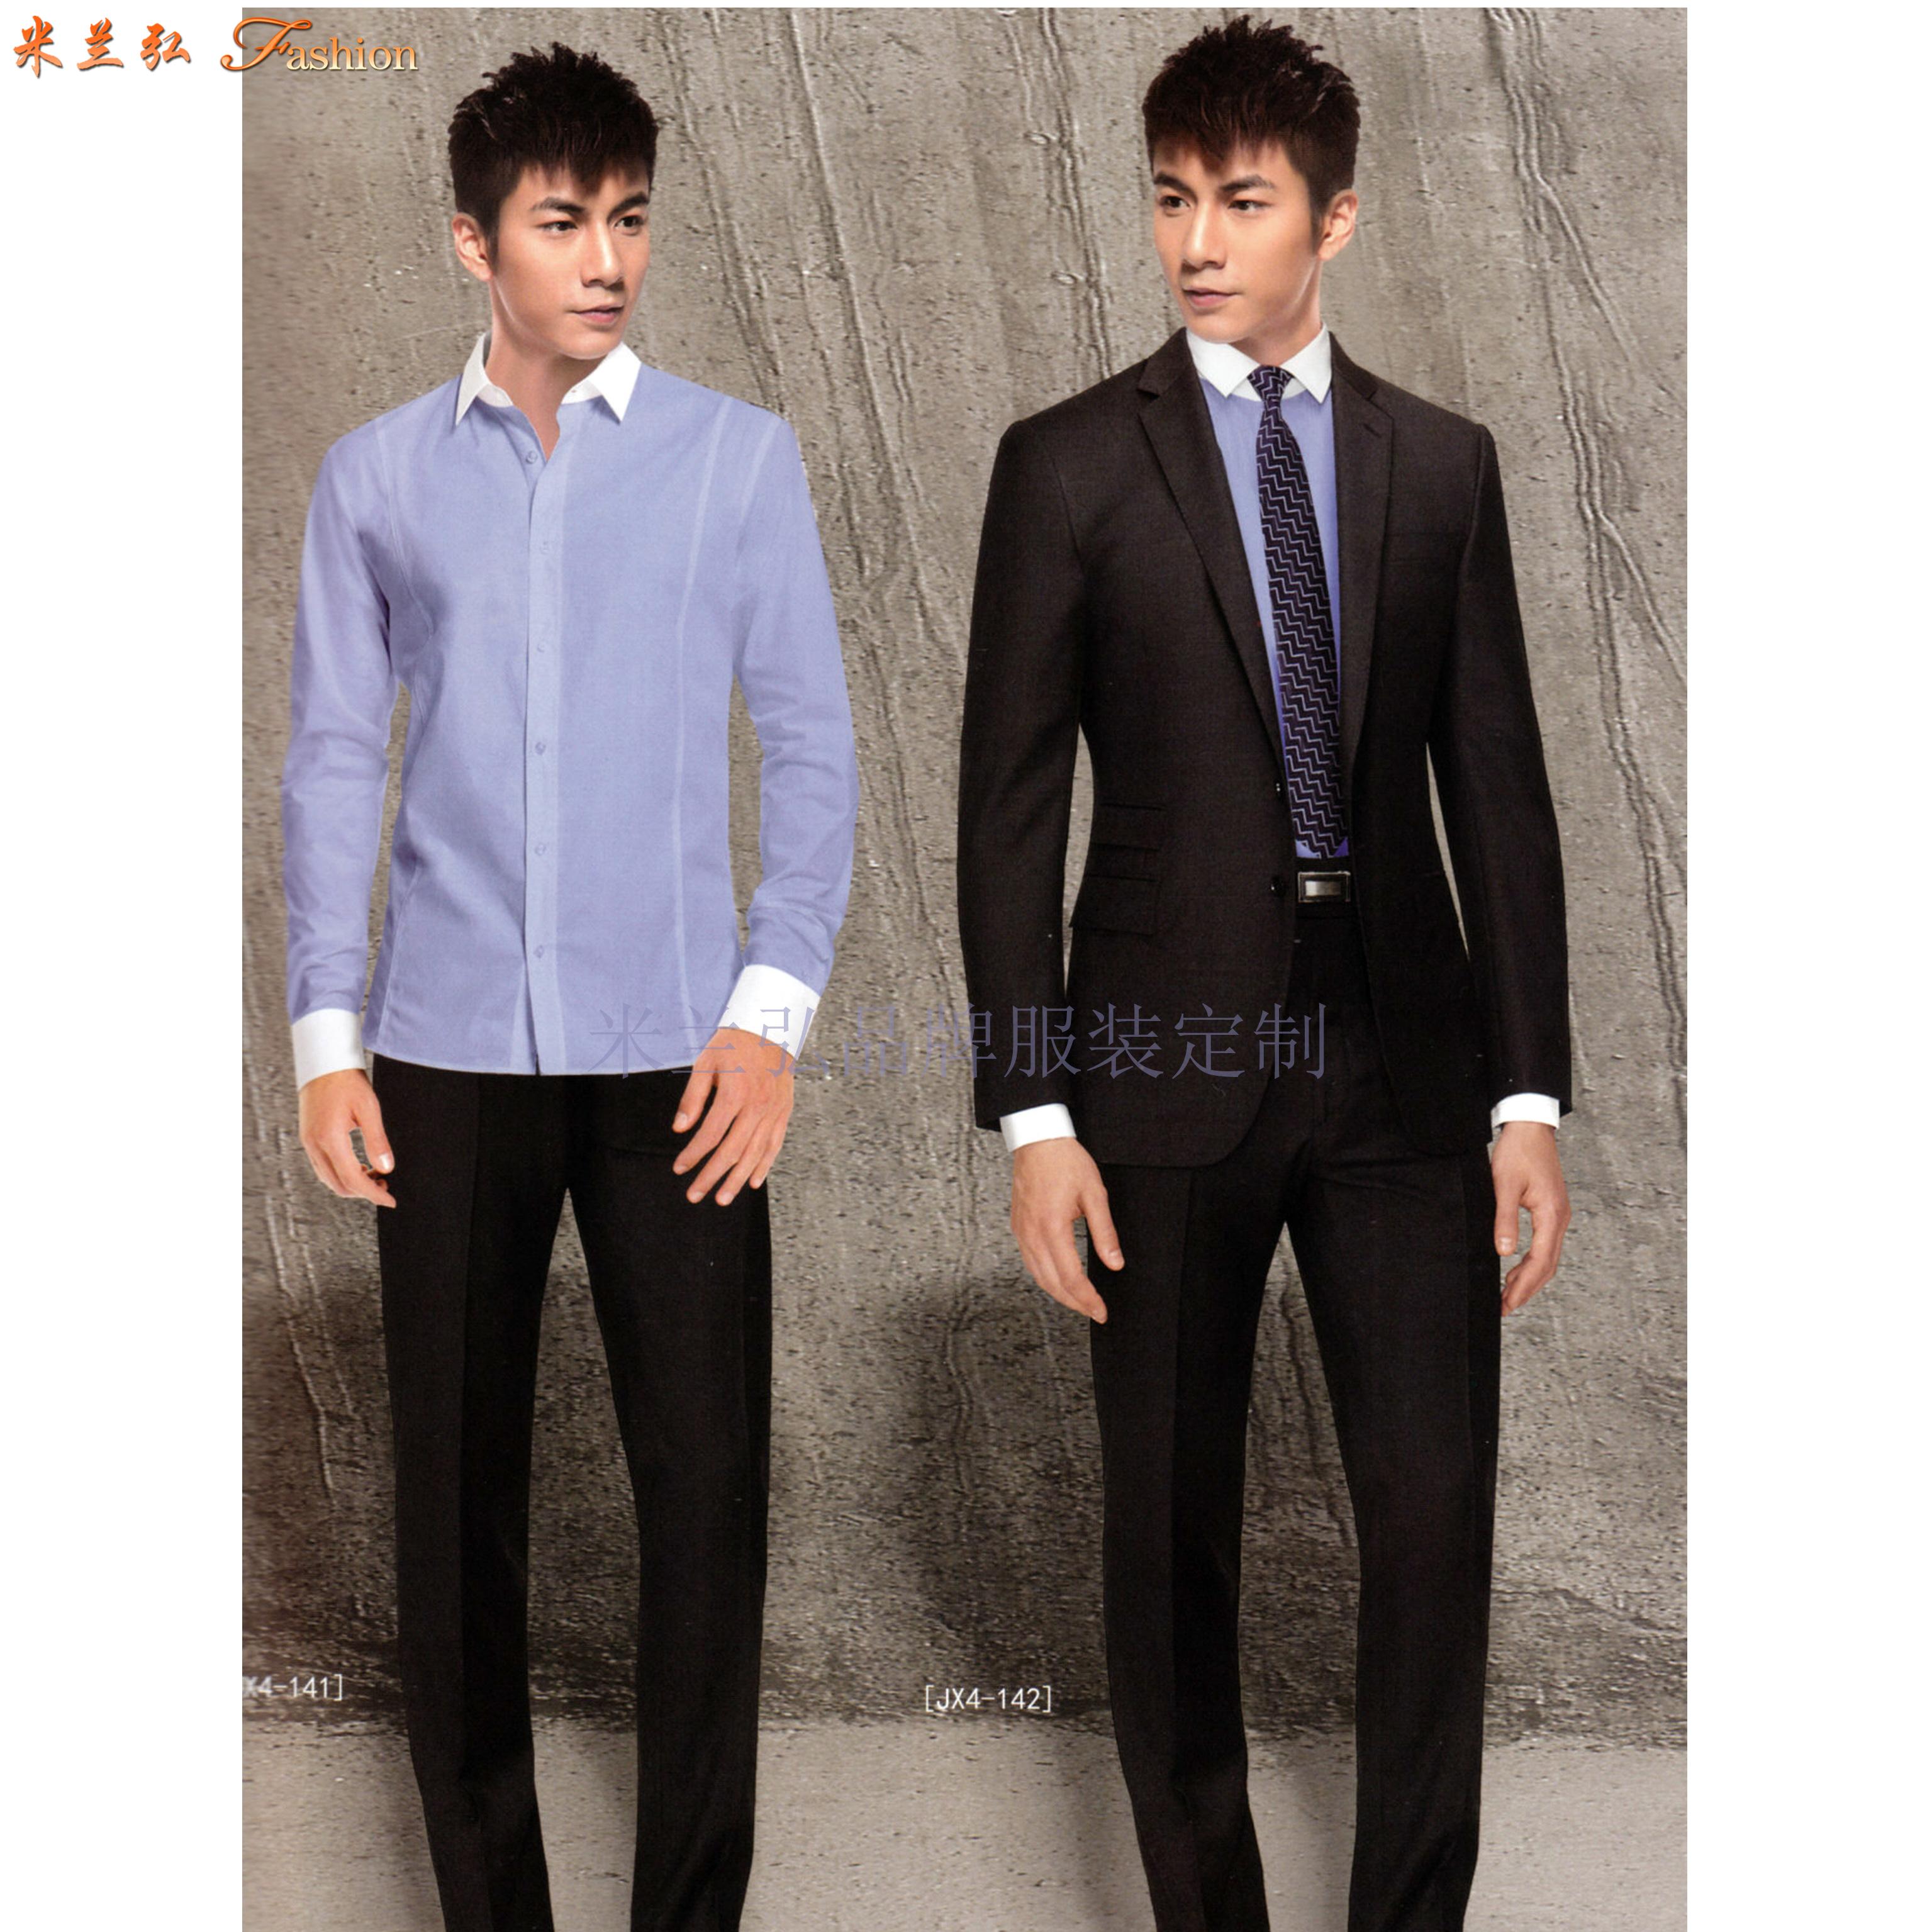 「北京西服定制圖片」男士西服搭配1外套1褲子-米蘭弘西服品牌-4